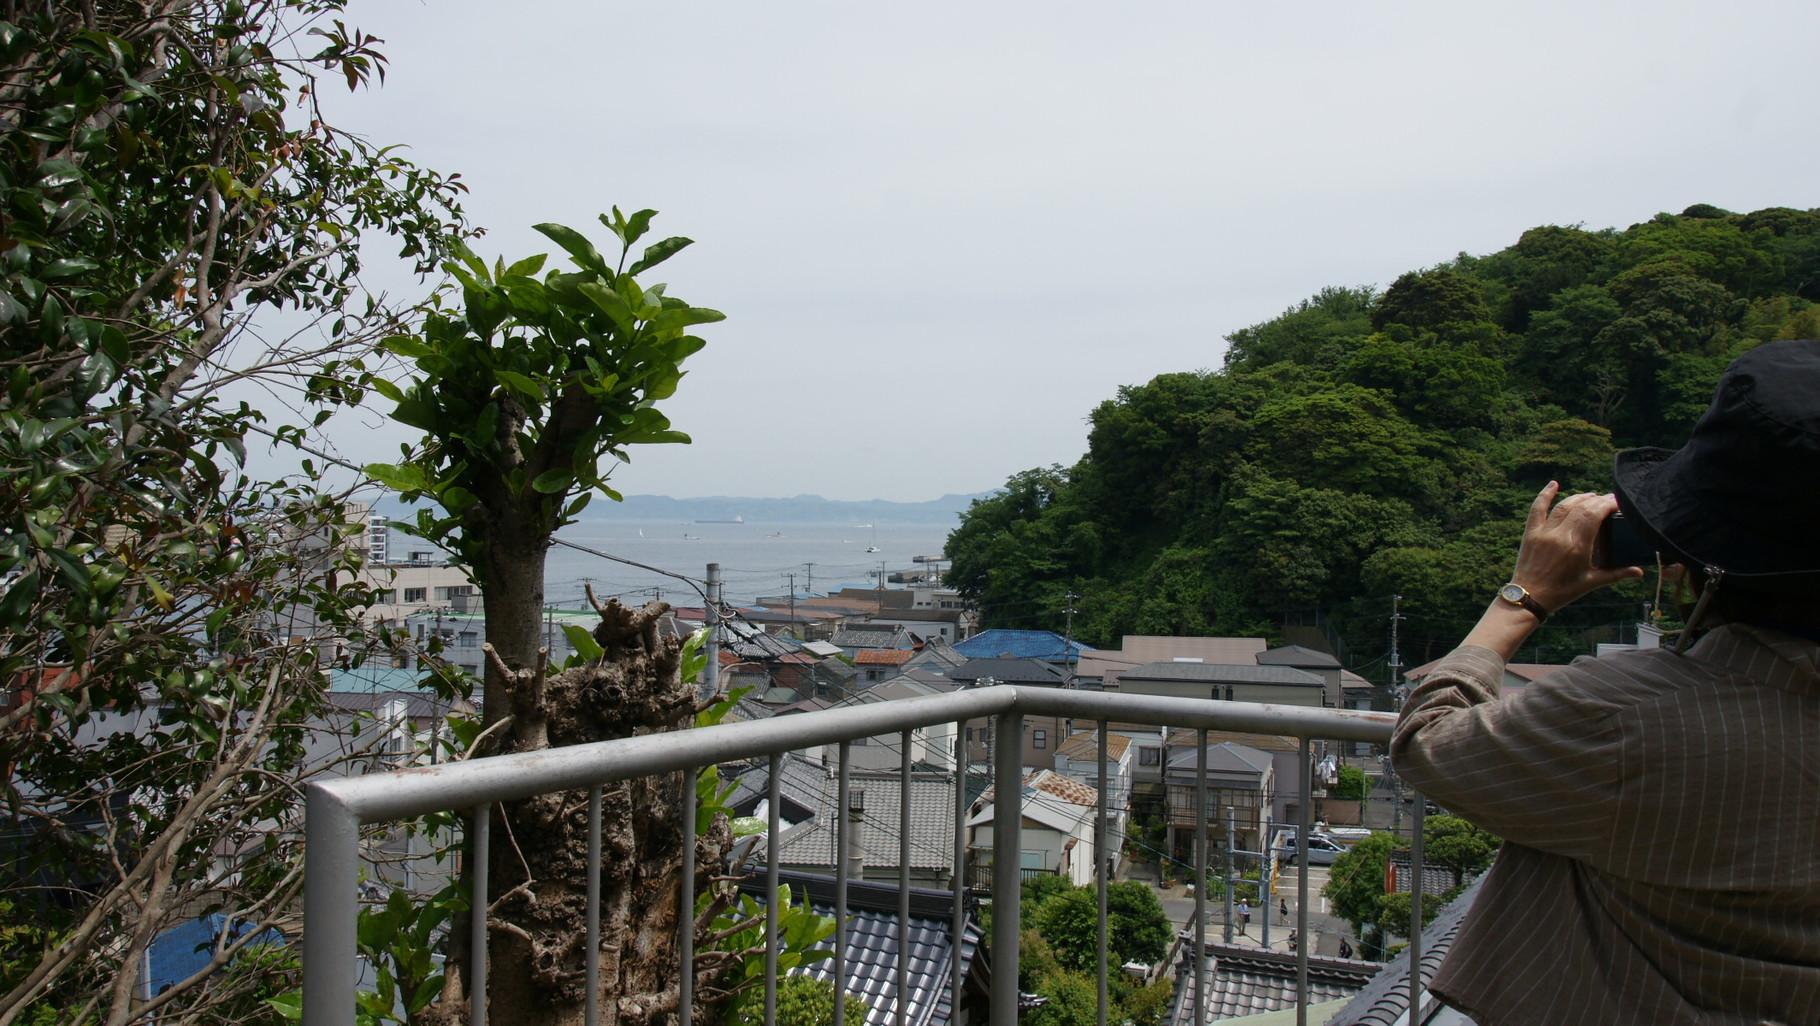 西 叶 神社の高台から東京湾と房総半島を望む、